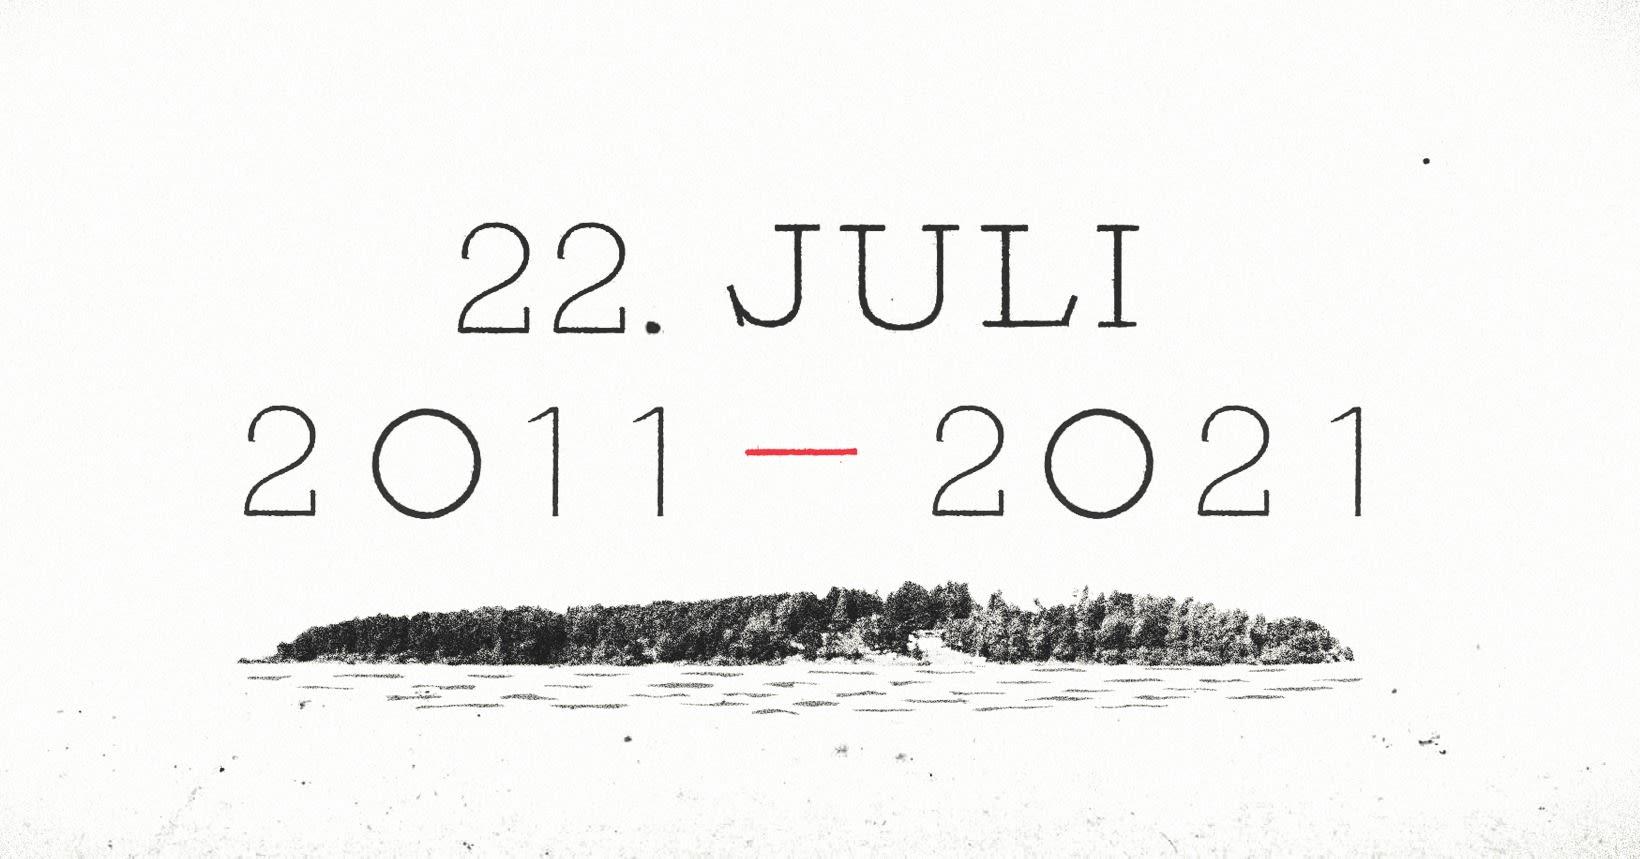 Tegnet bilde uten farger av Utøya med teksten 22. juli 2011-2021